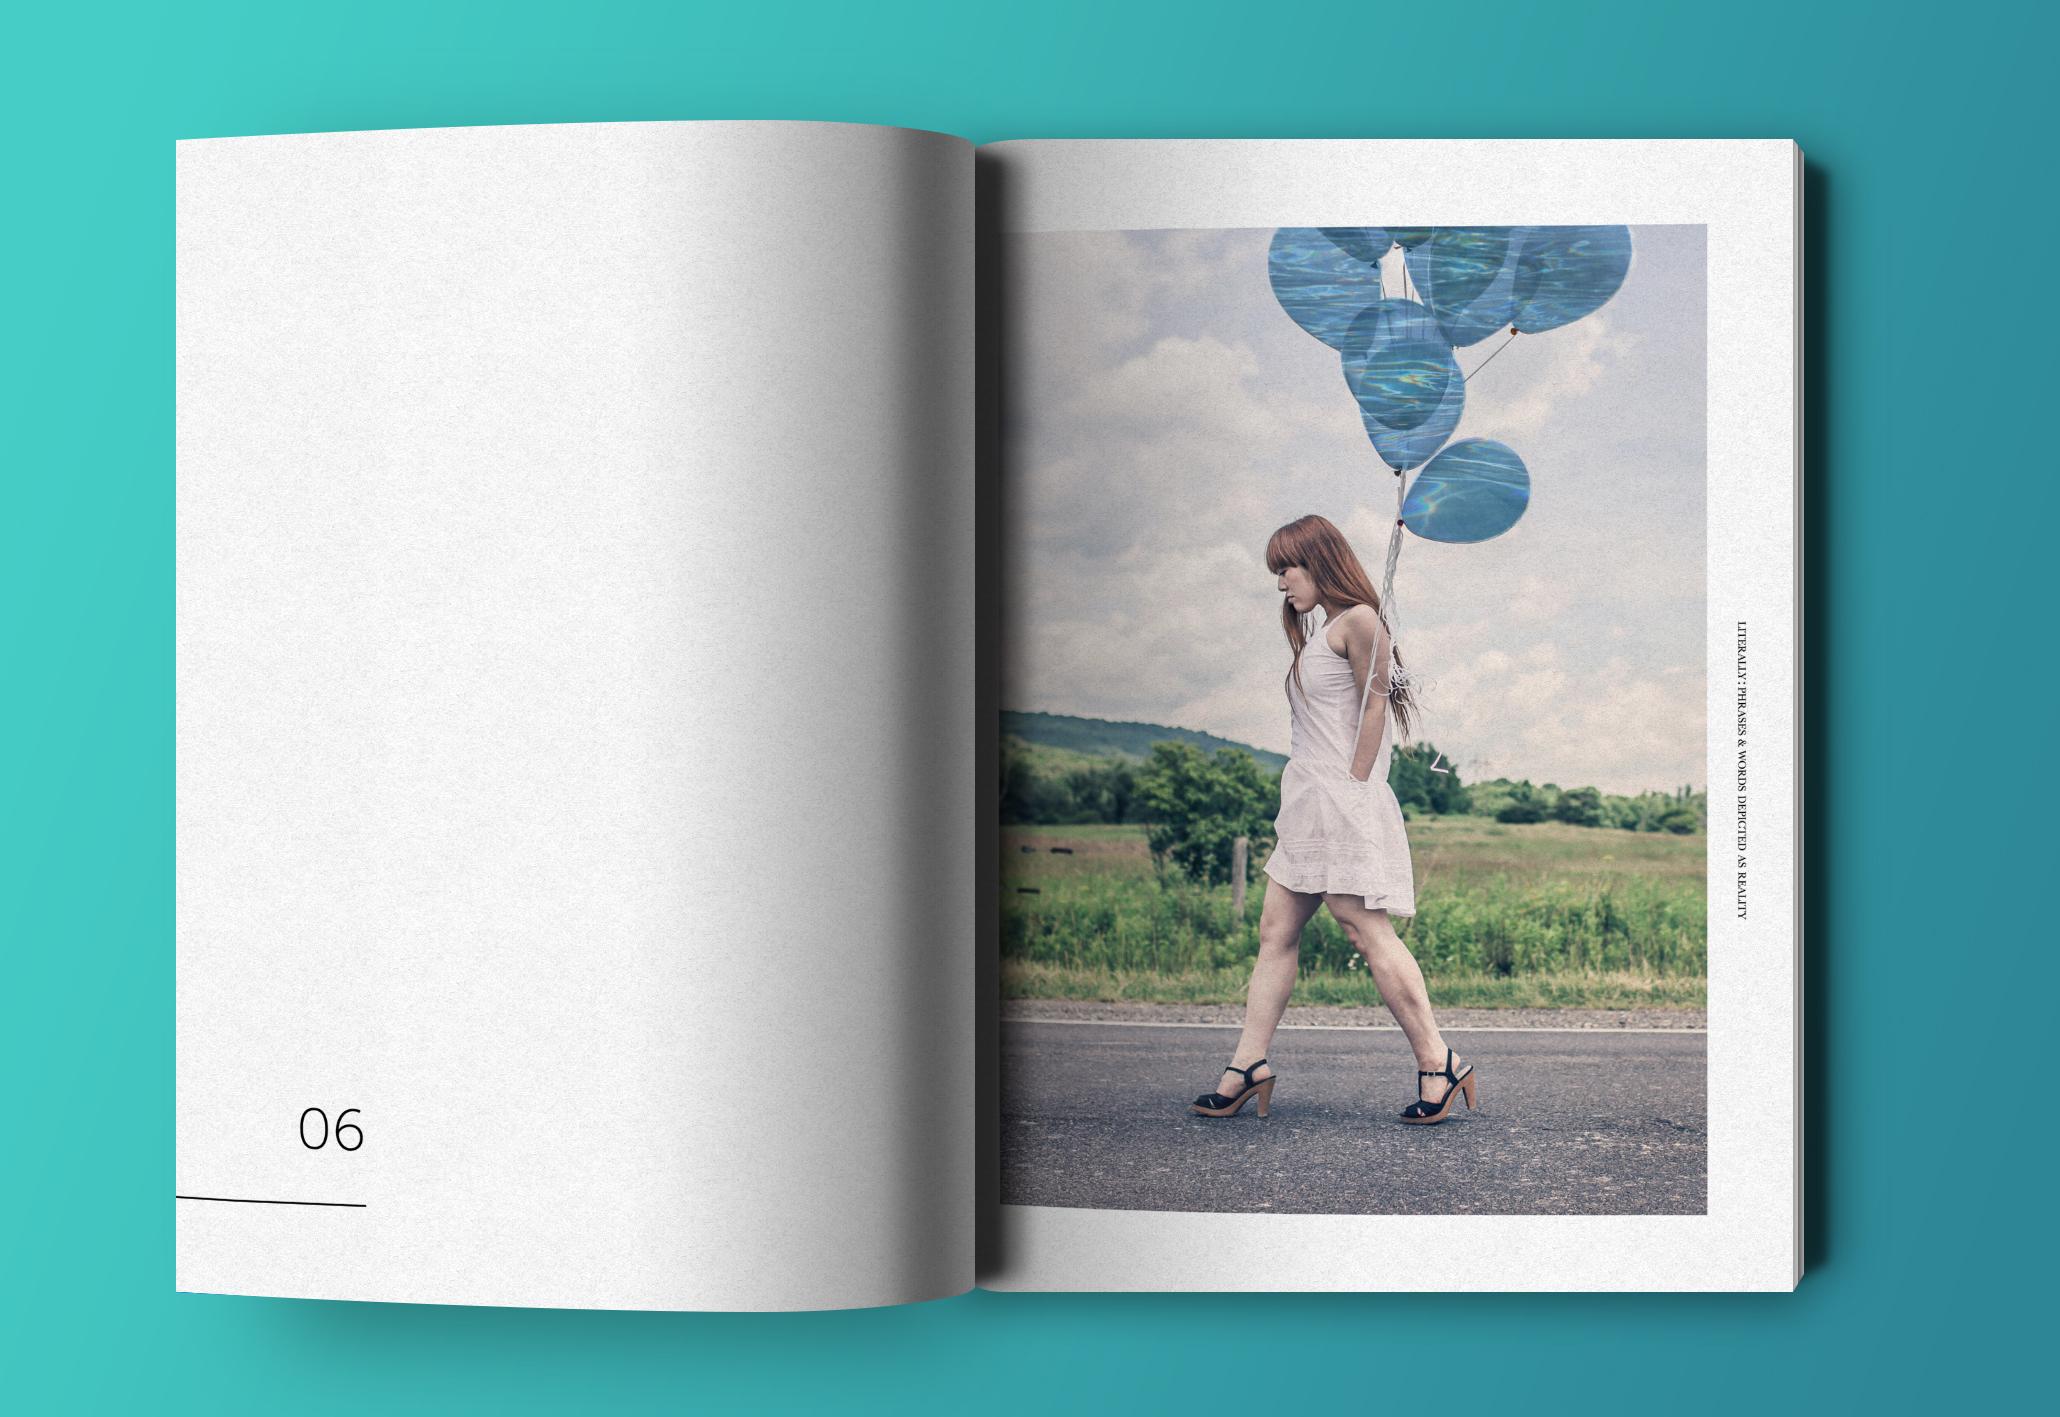 waterballoon.jpg